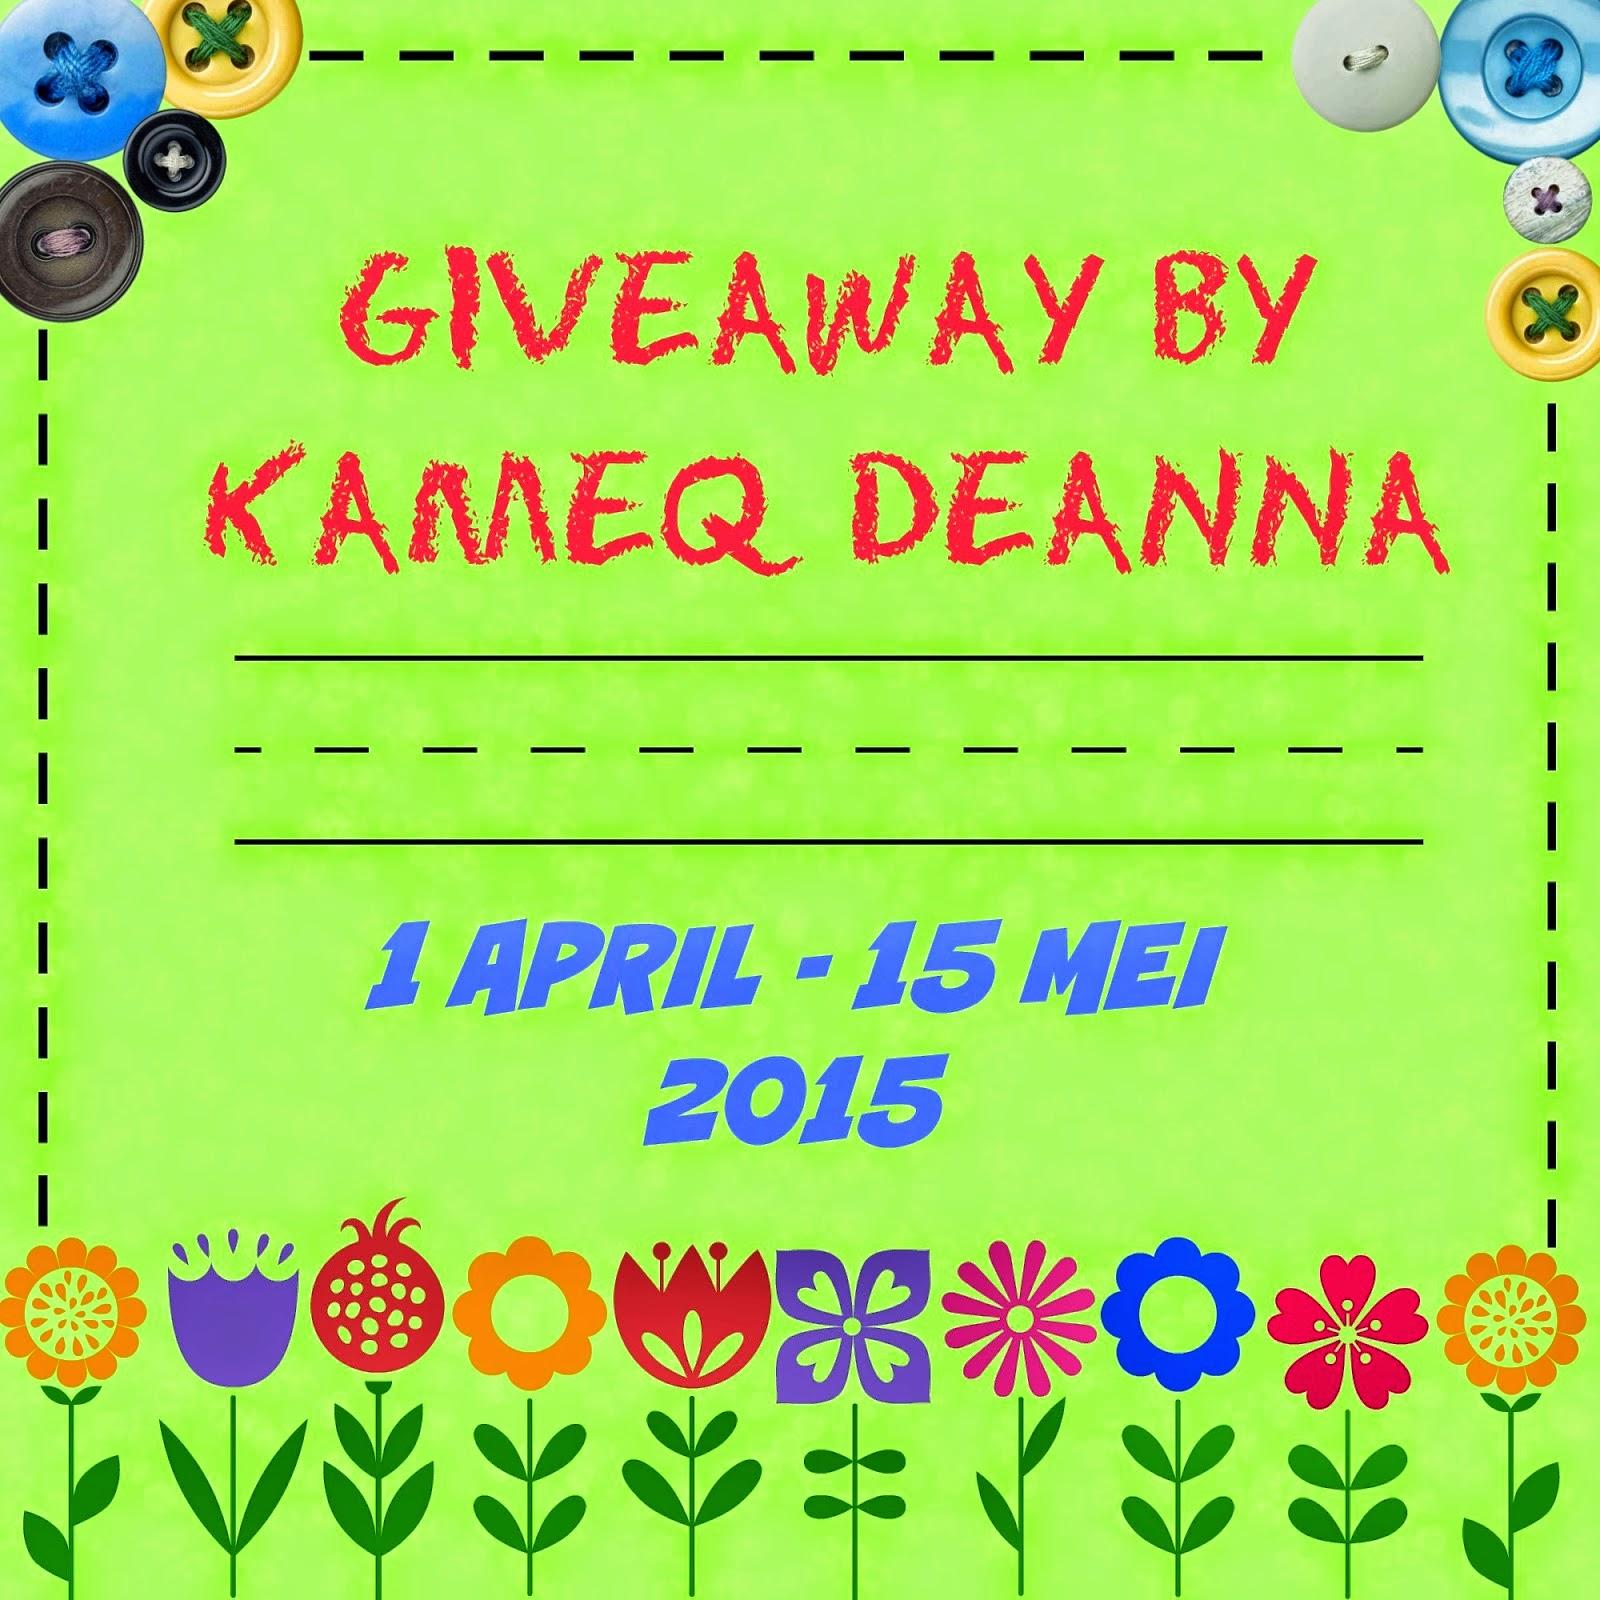 http://kameqdeanna.blogspot.com/2015/04/giveaway-by-kameq-deanna.html